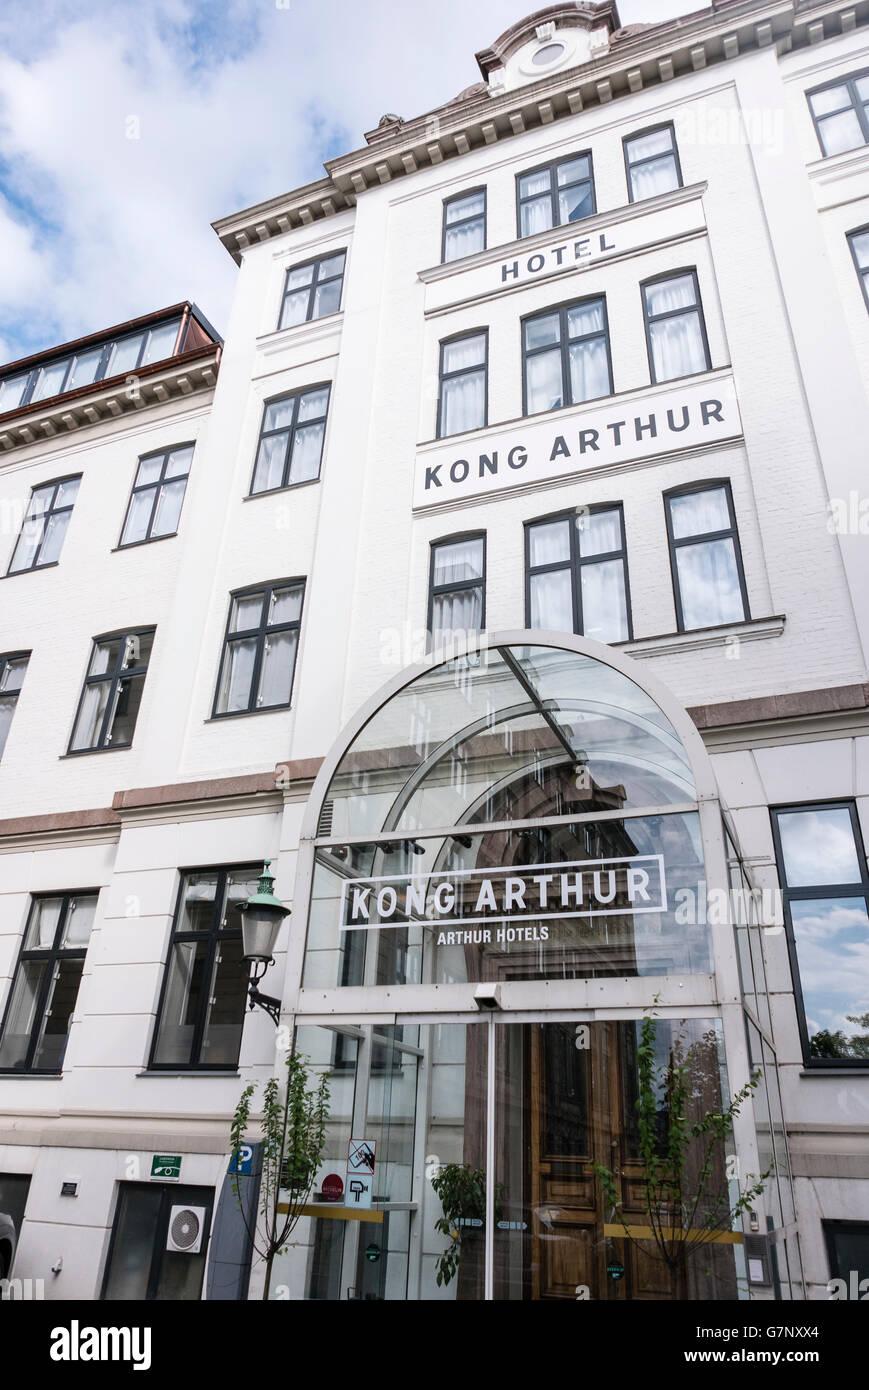 Hotel Kong Arthur, Copenhagen, Denmark - Stock Image